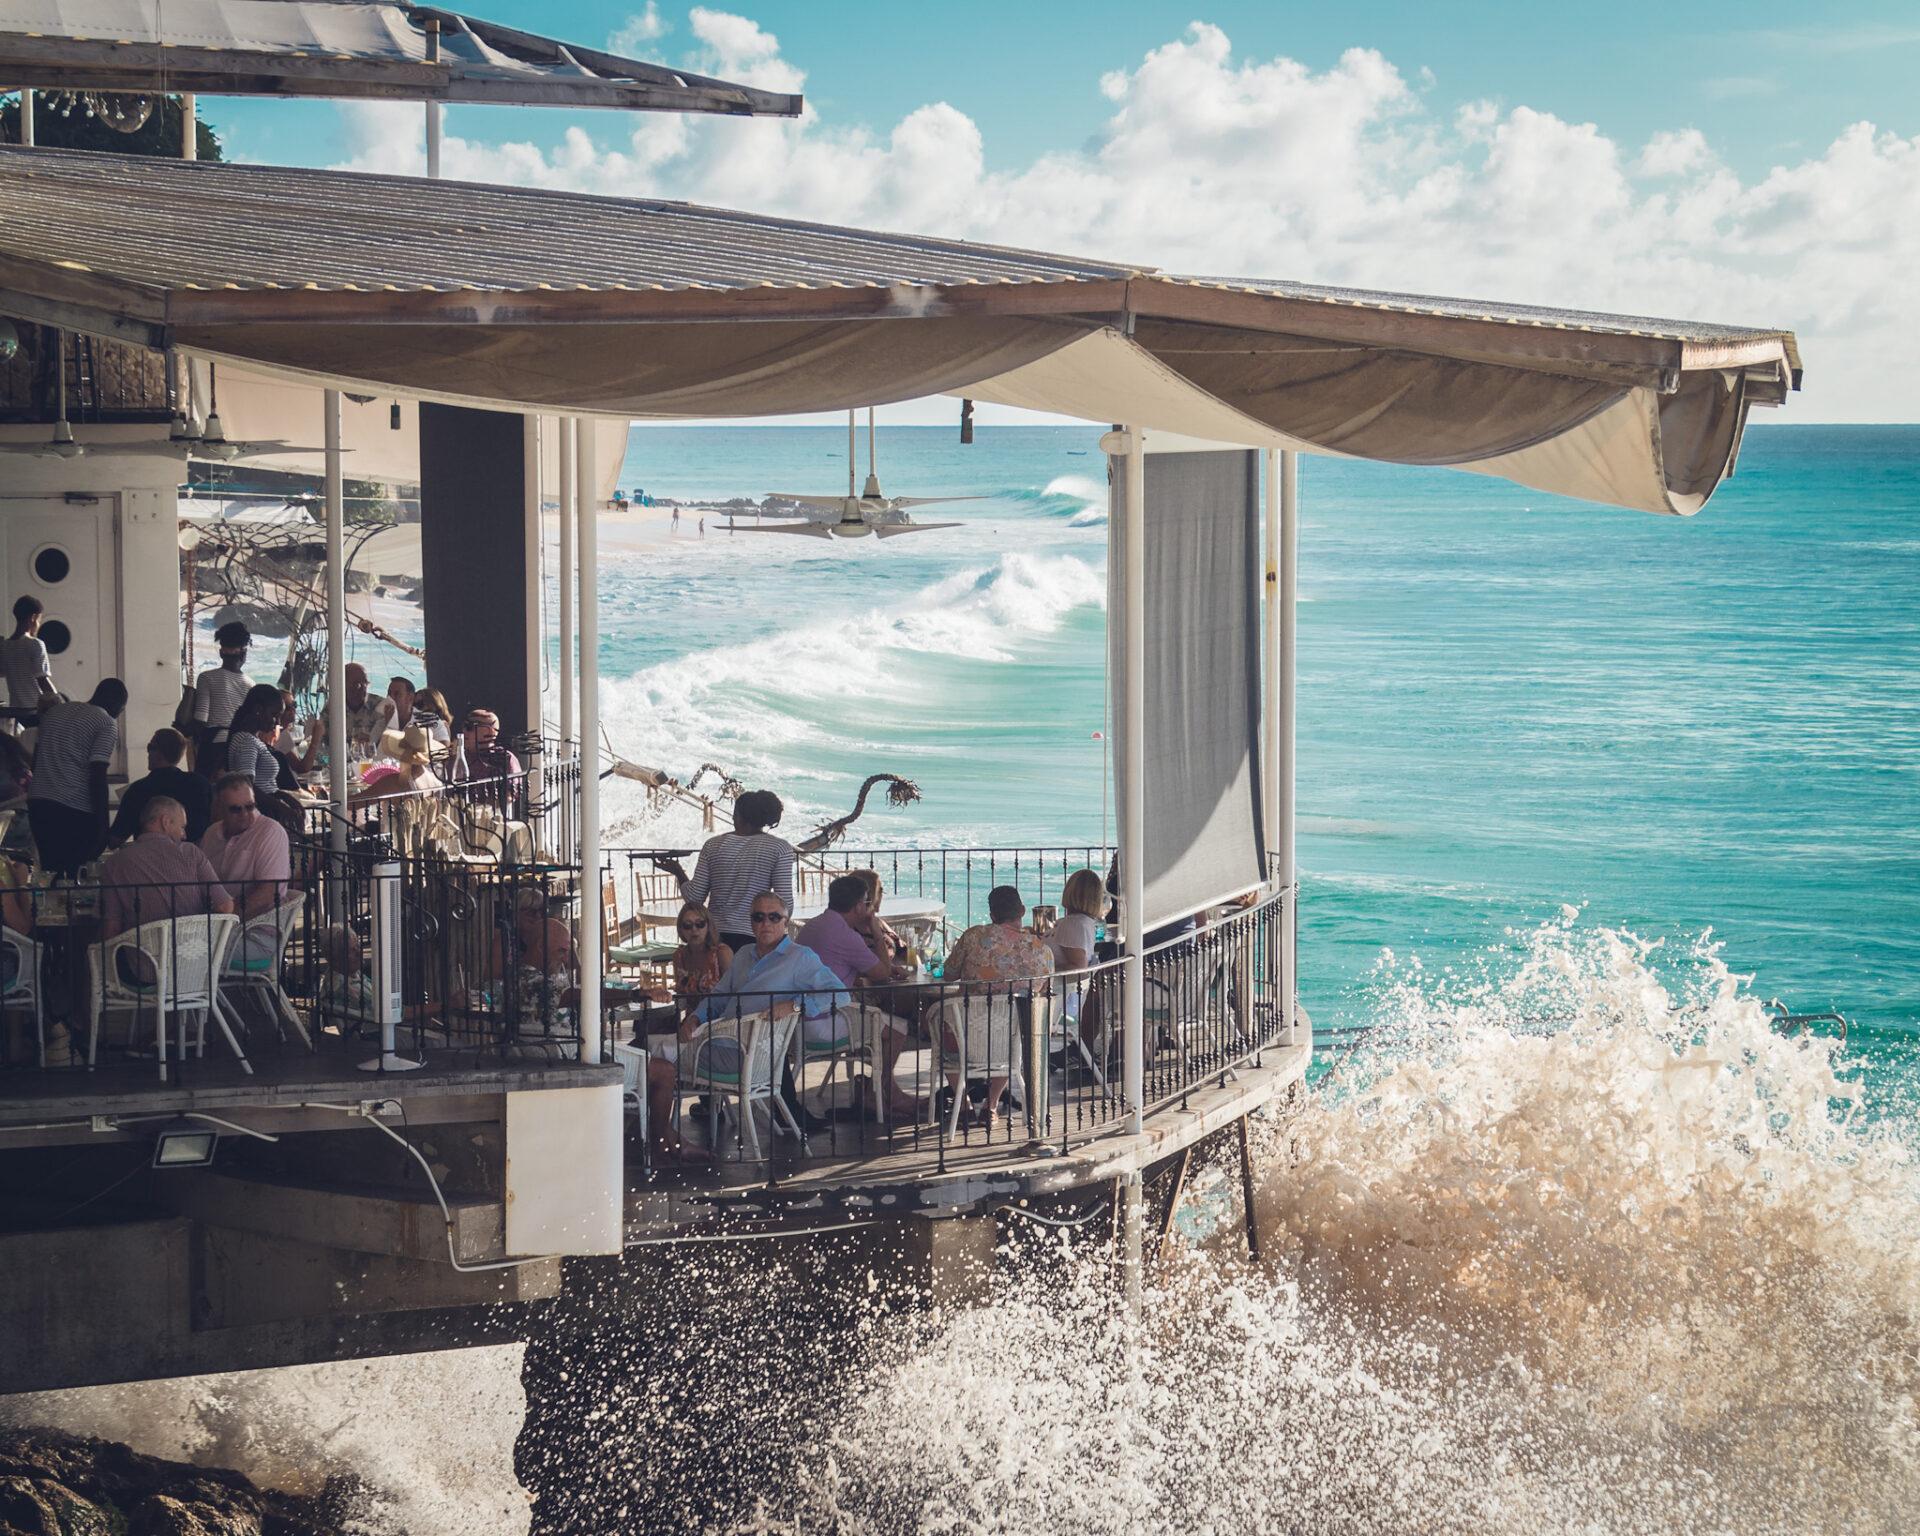 Ristoranti a Barbados: guida ai migliori